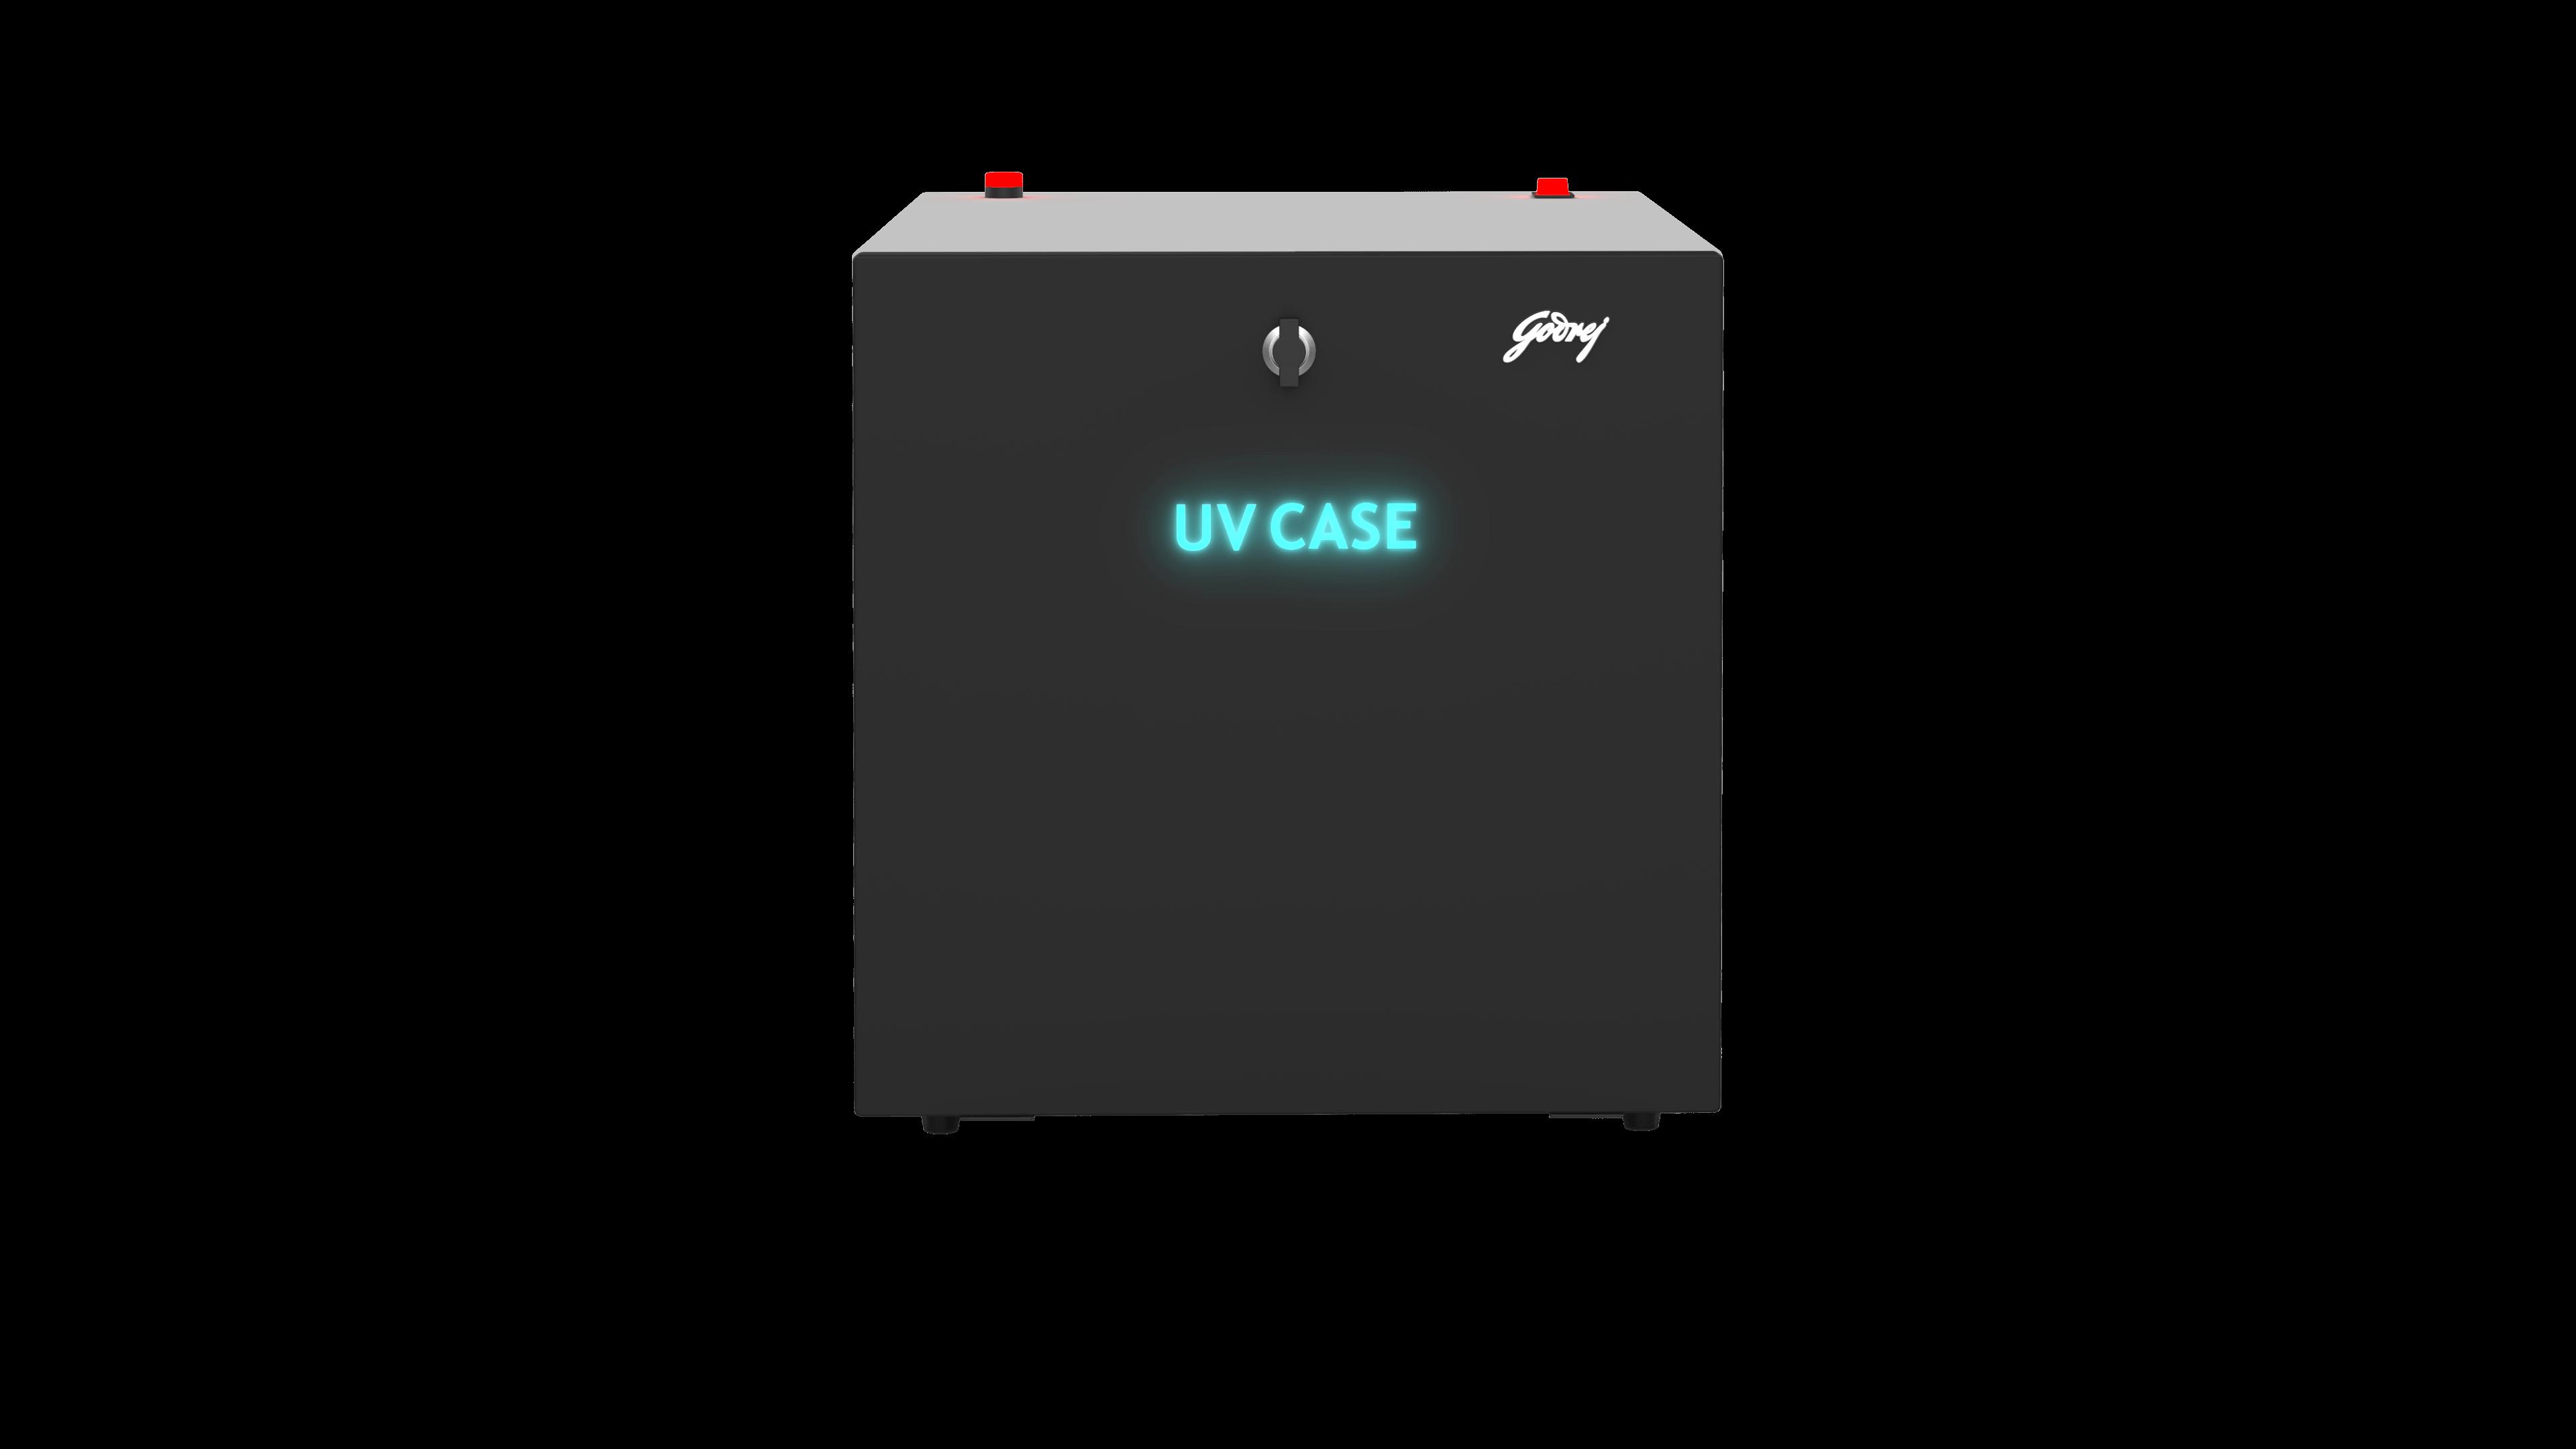 UV Case